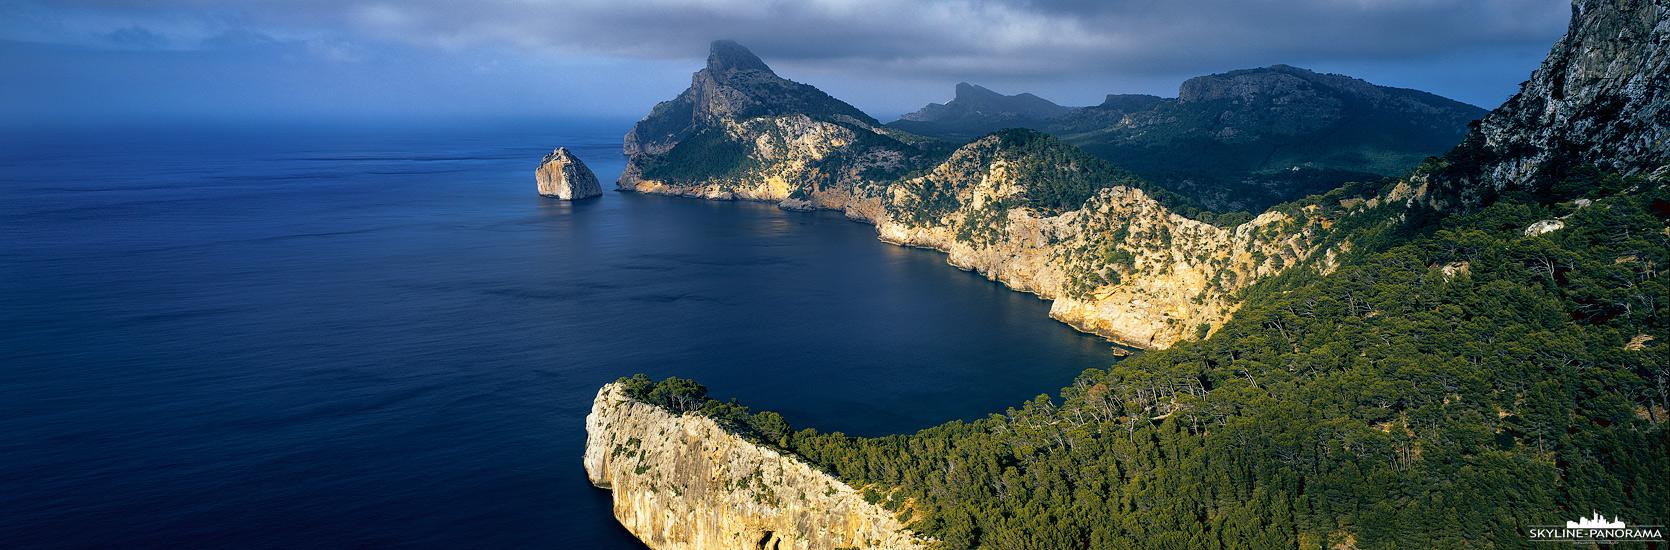 Cap de Formentor - Panorama Mallorca (p_01185)